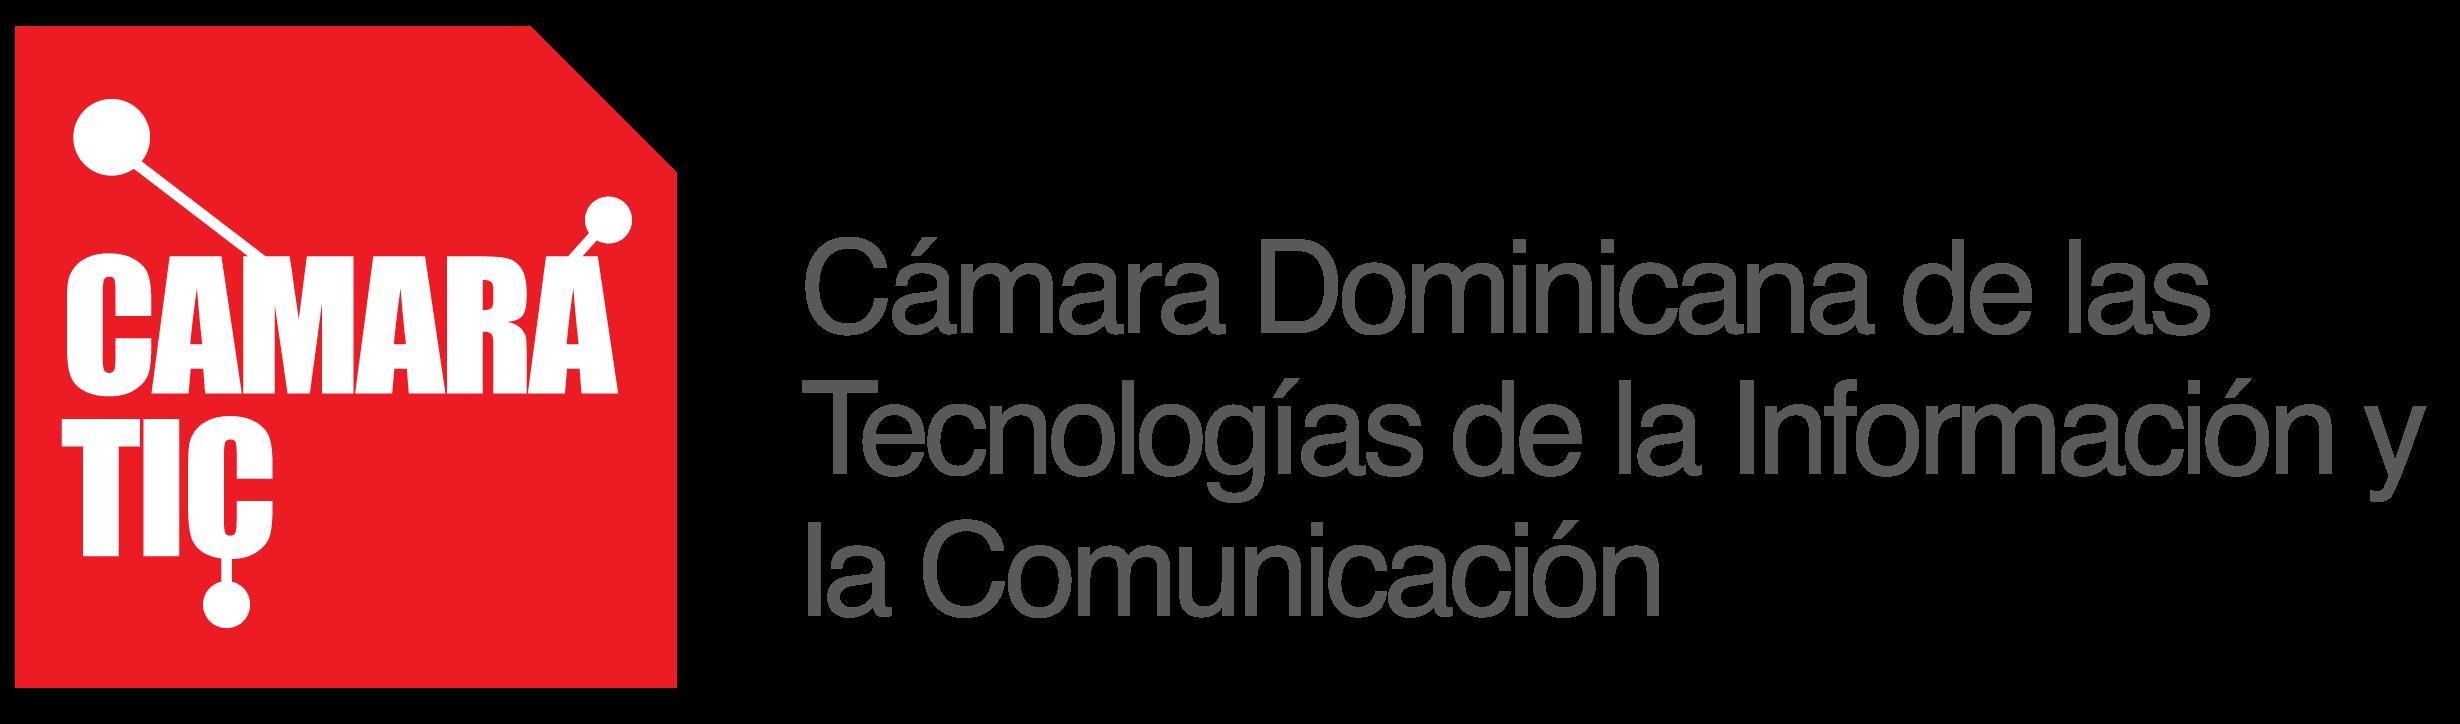 CAMARA TIC